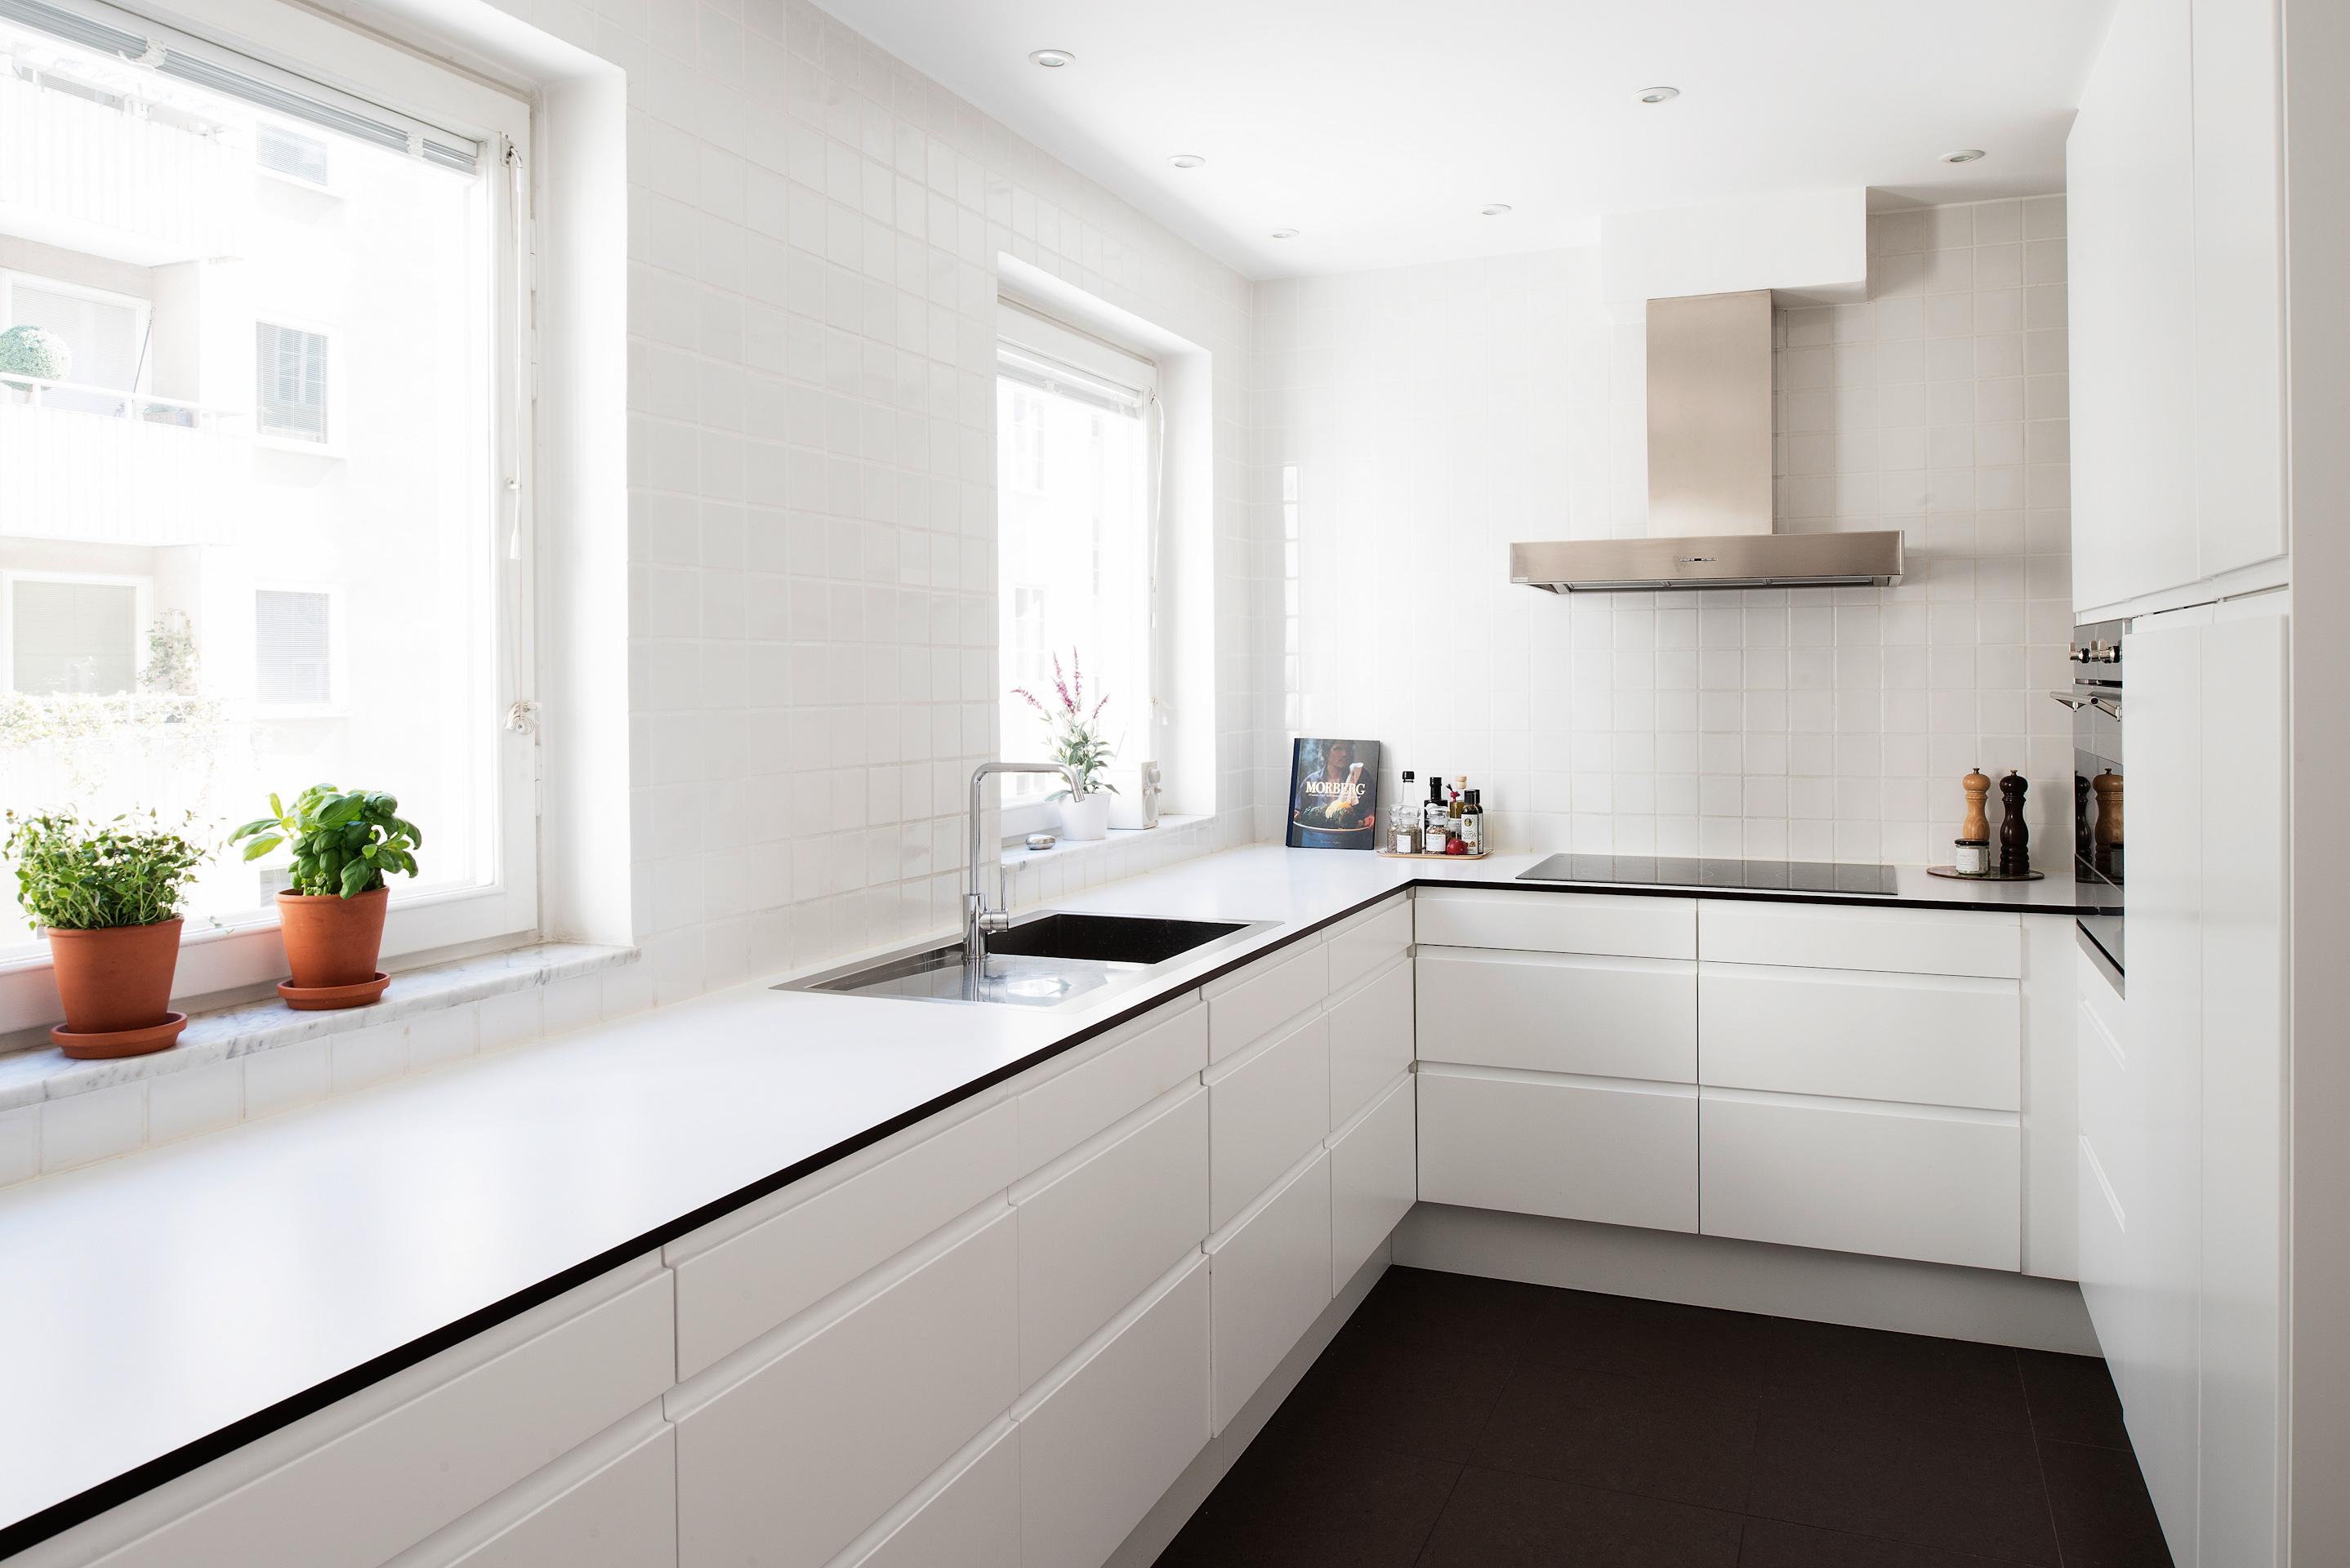 Cocinas modernas blancas good regan baker cocina blanca for Cocinas modernas